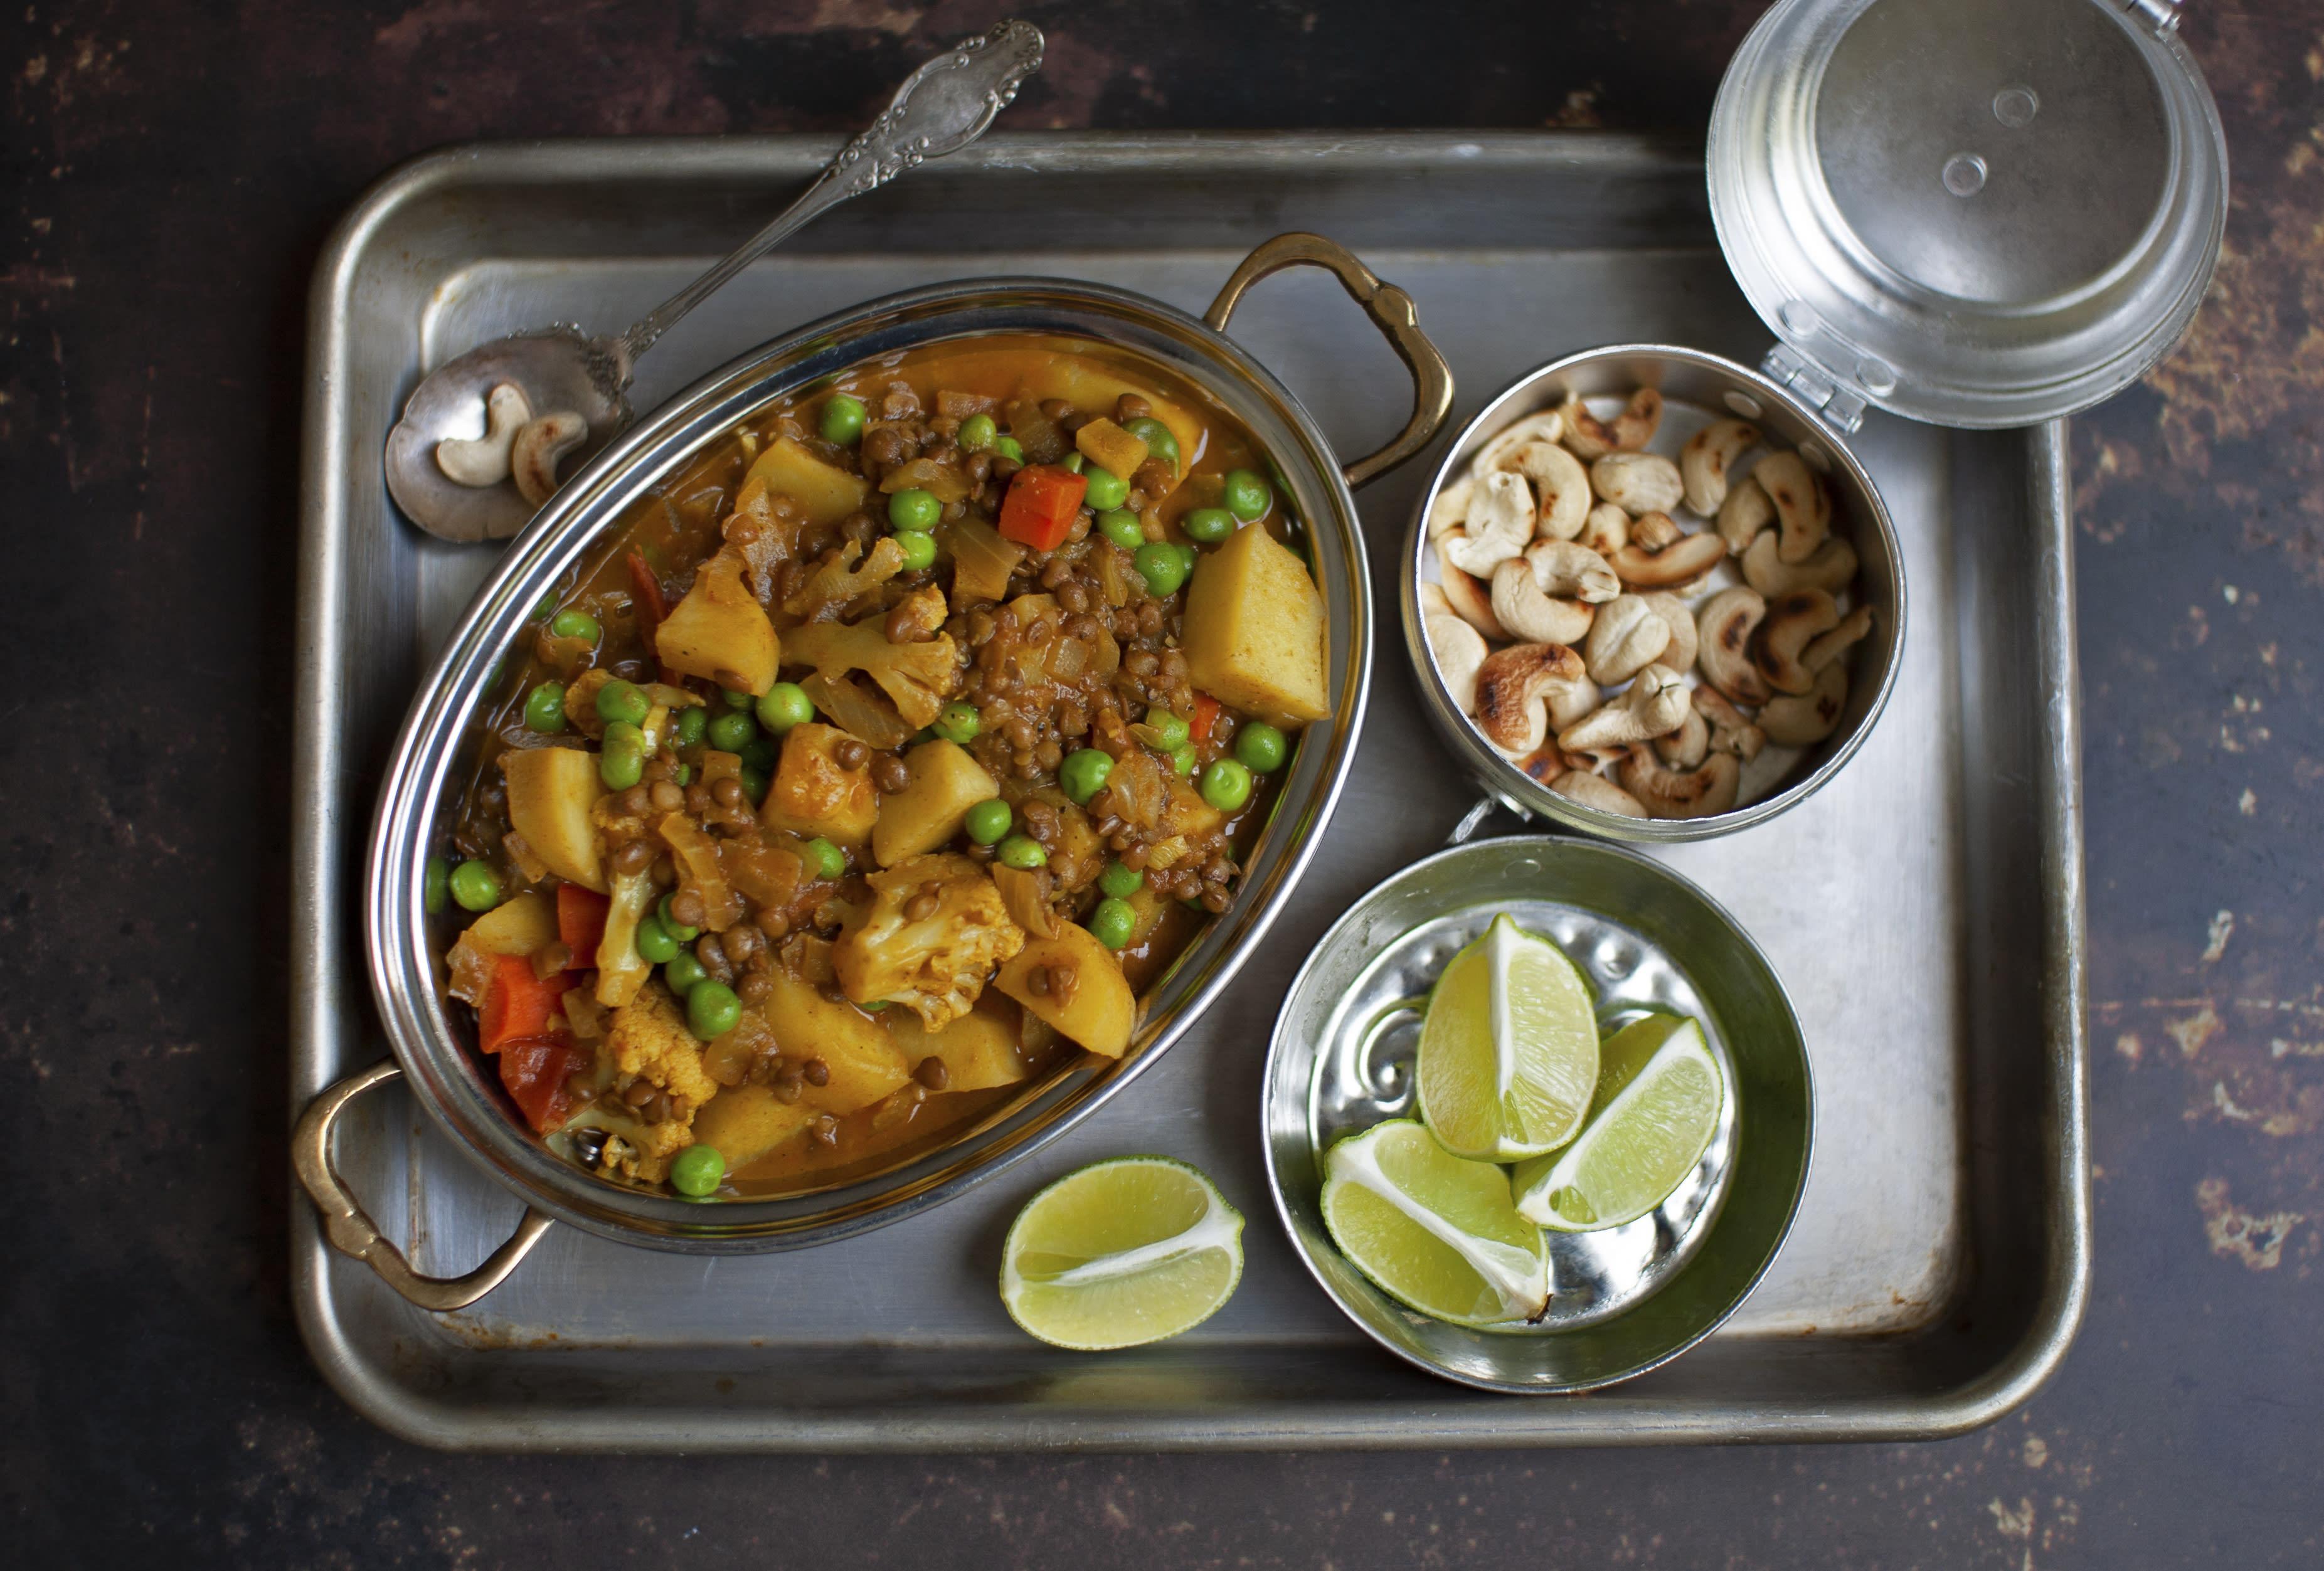 Potato and Mixed Veg Aloo Korma with Cashews